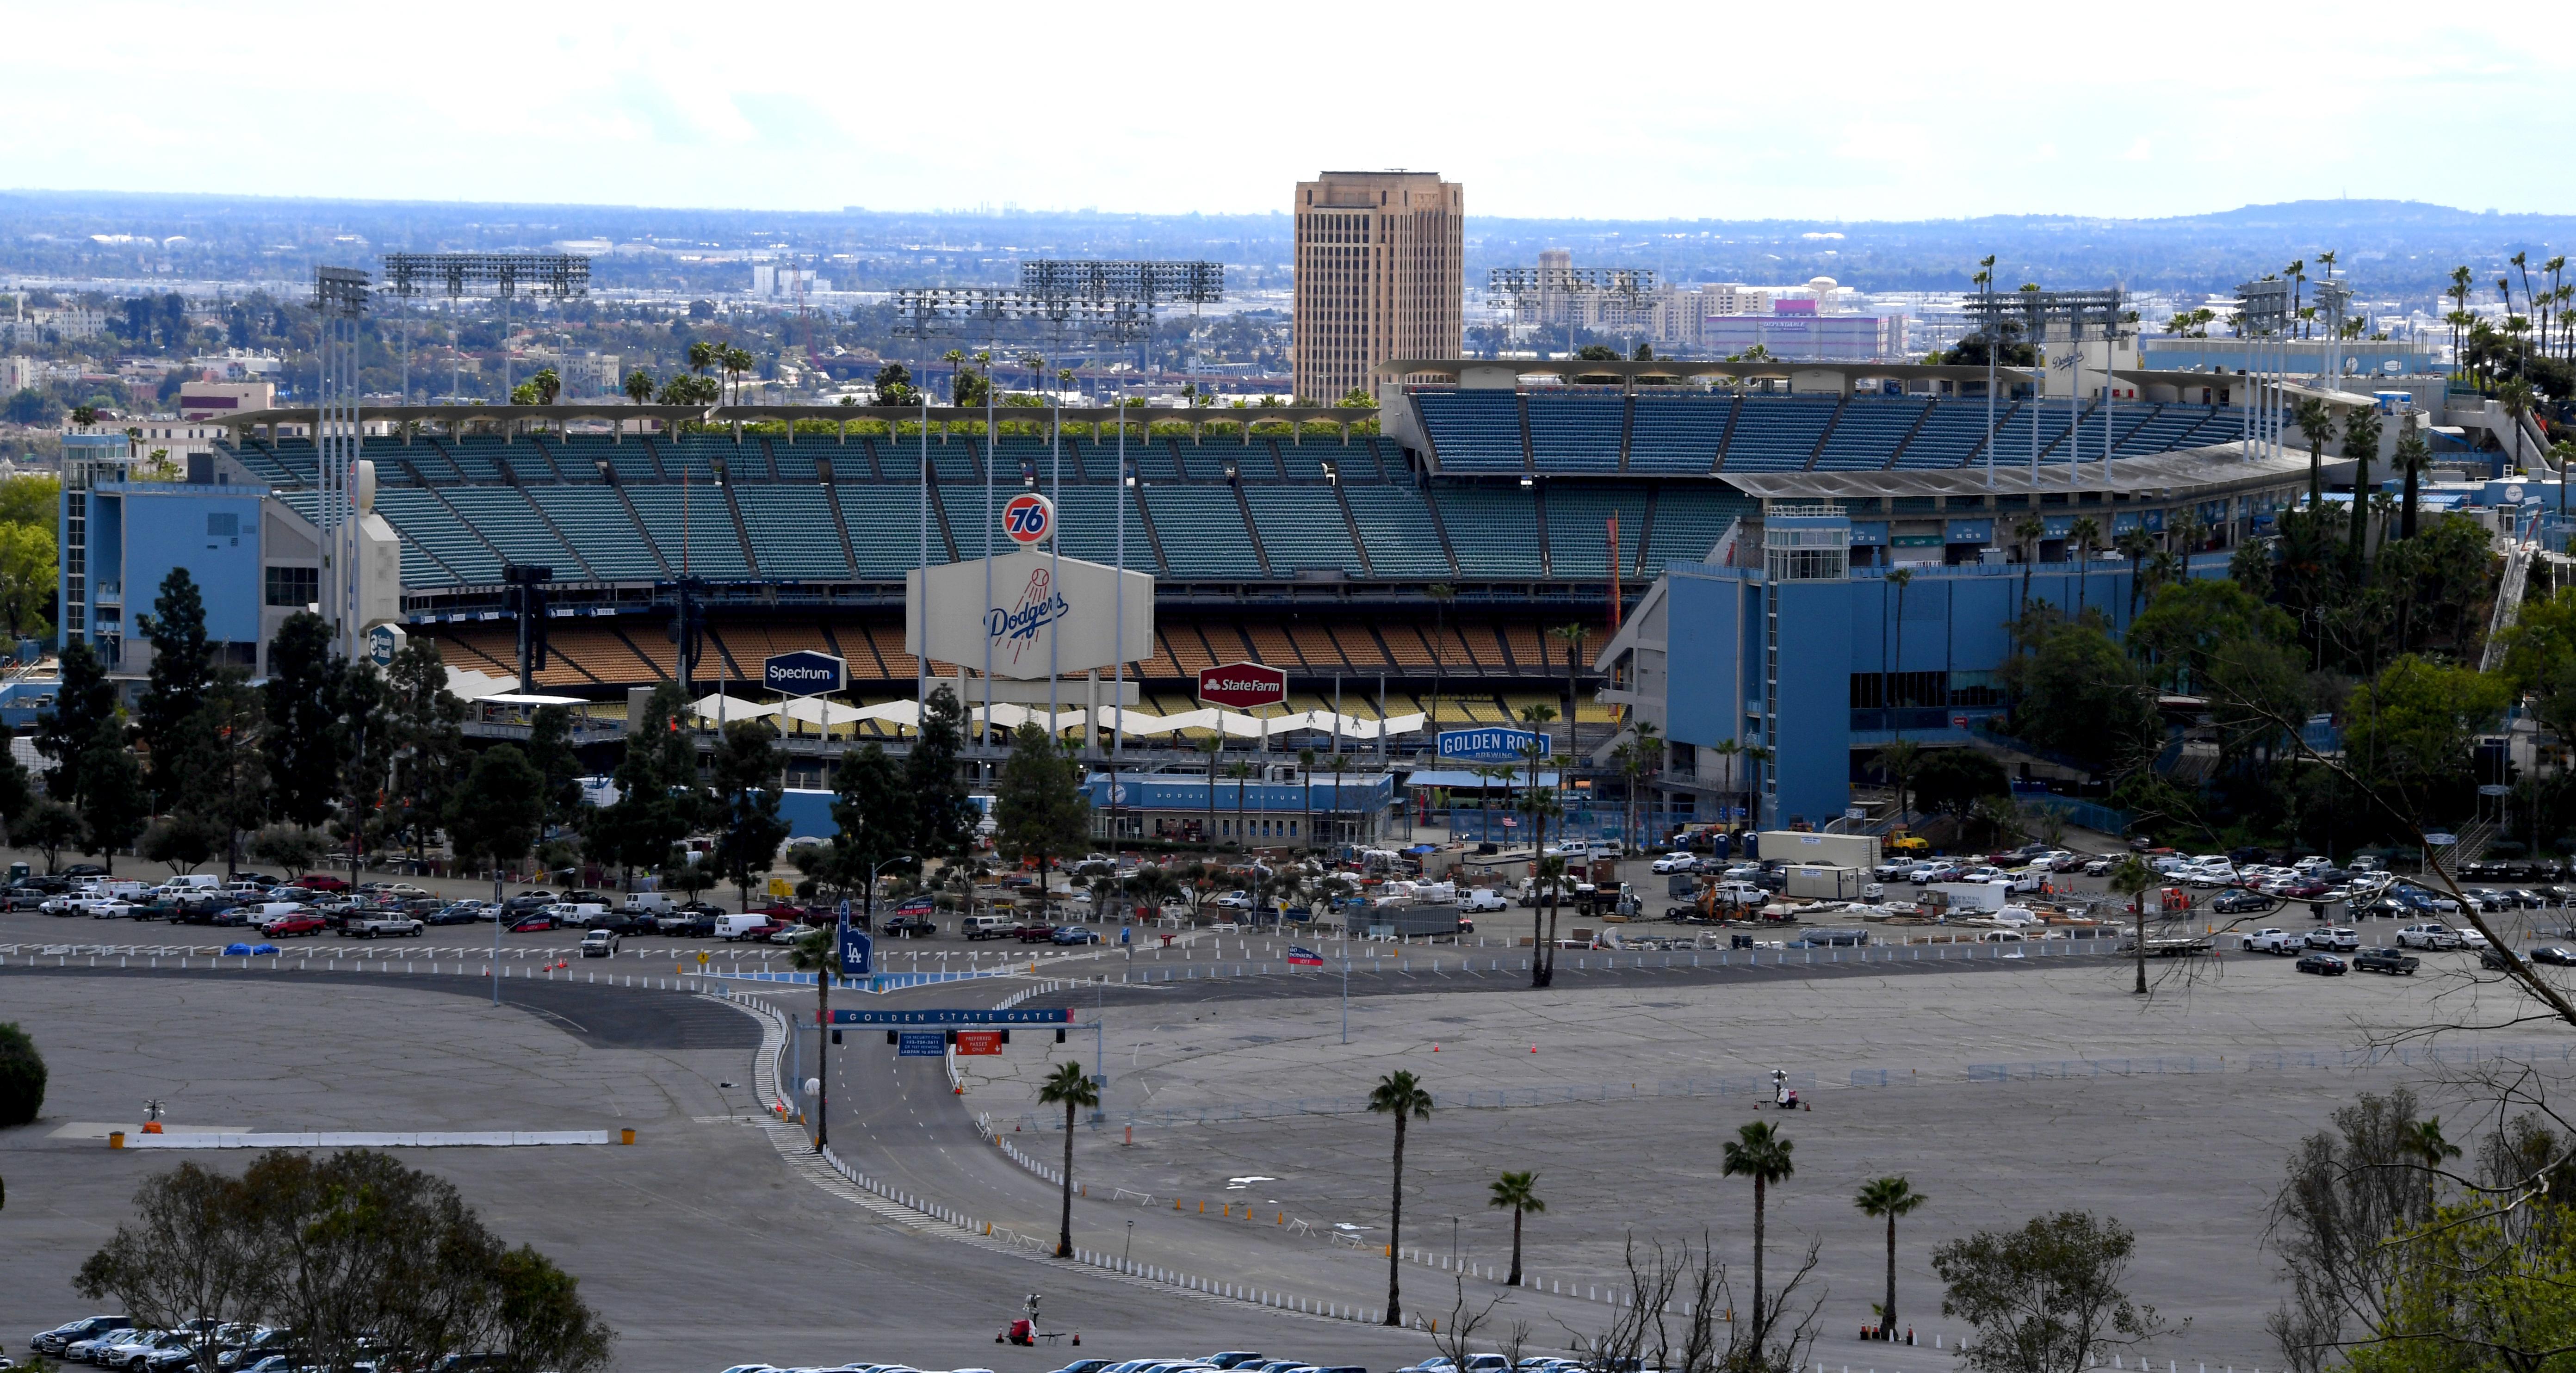 Dodgers Opening Postponed due to cornoavirus